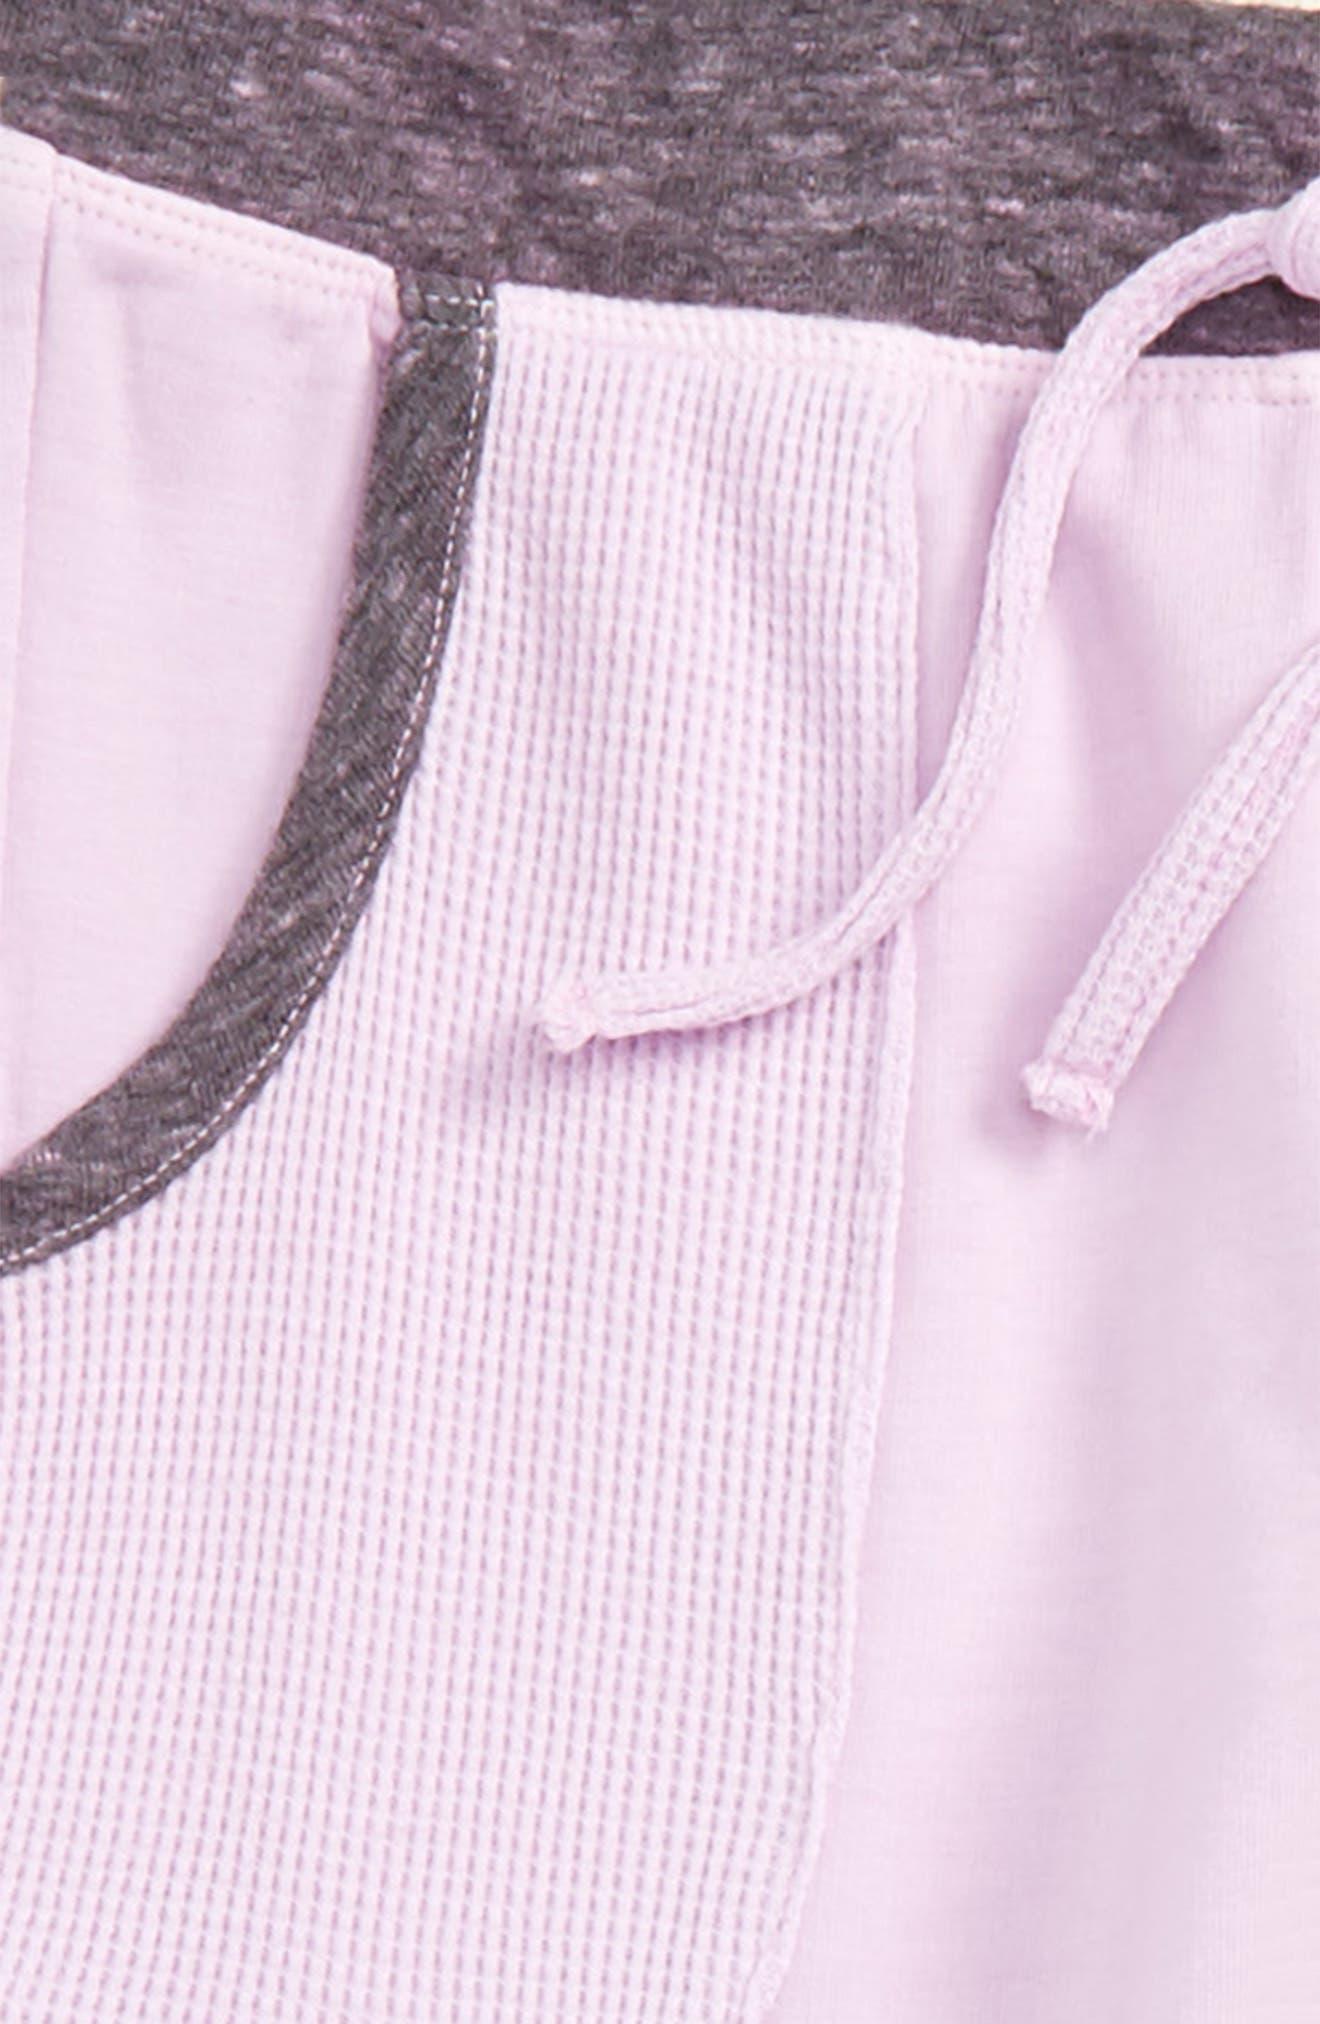 Alternate Image 2  - Miki Miette Haydon Jogger Pants (Little Girls & Toddler Girls)